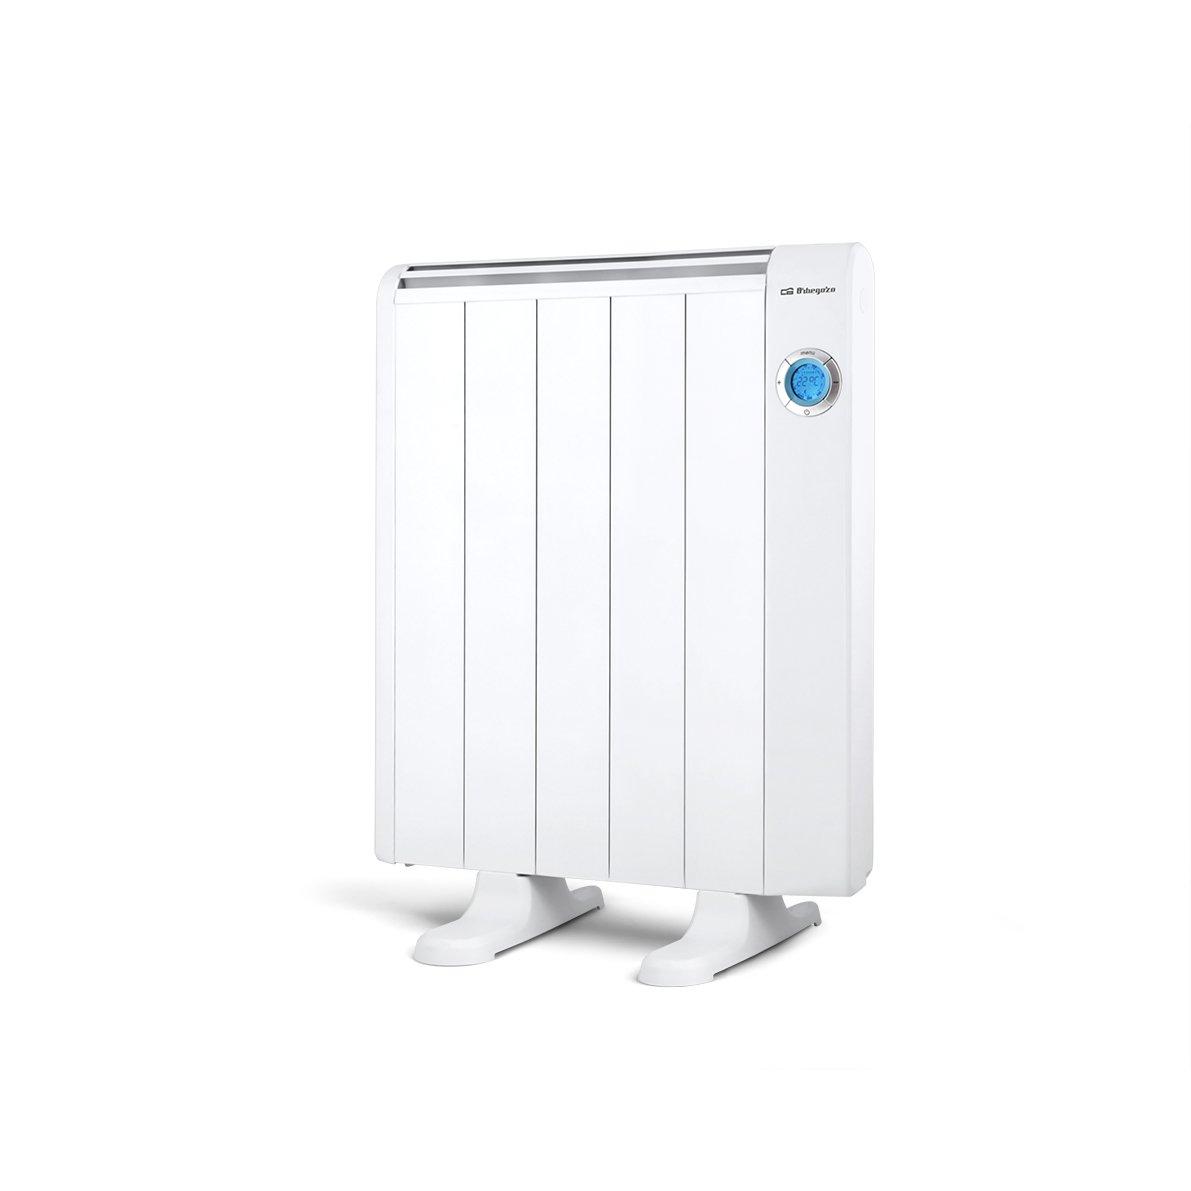 Radiadores electricos calor azul radiadores - Radiadores de calor azul ...